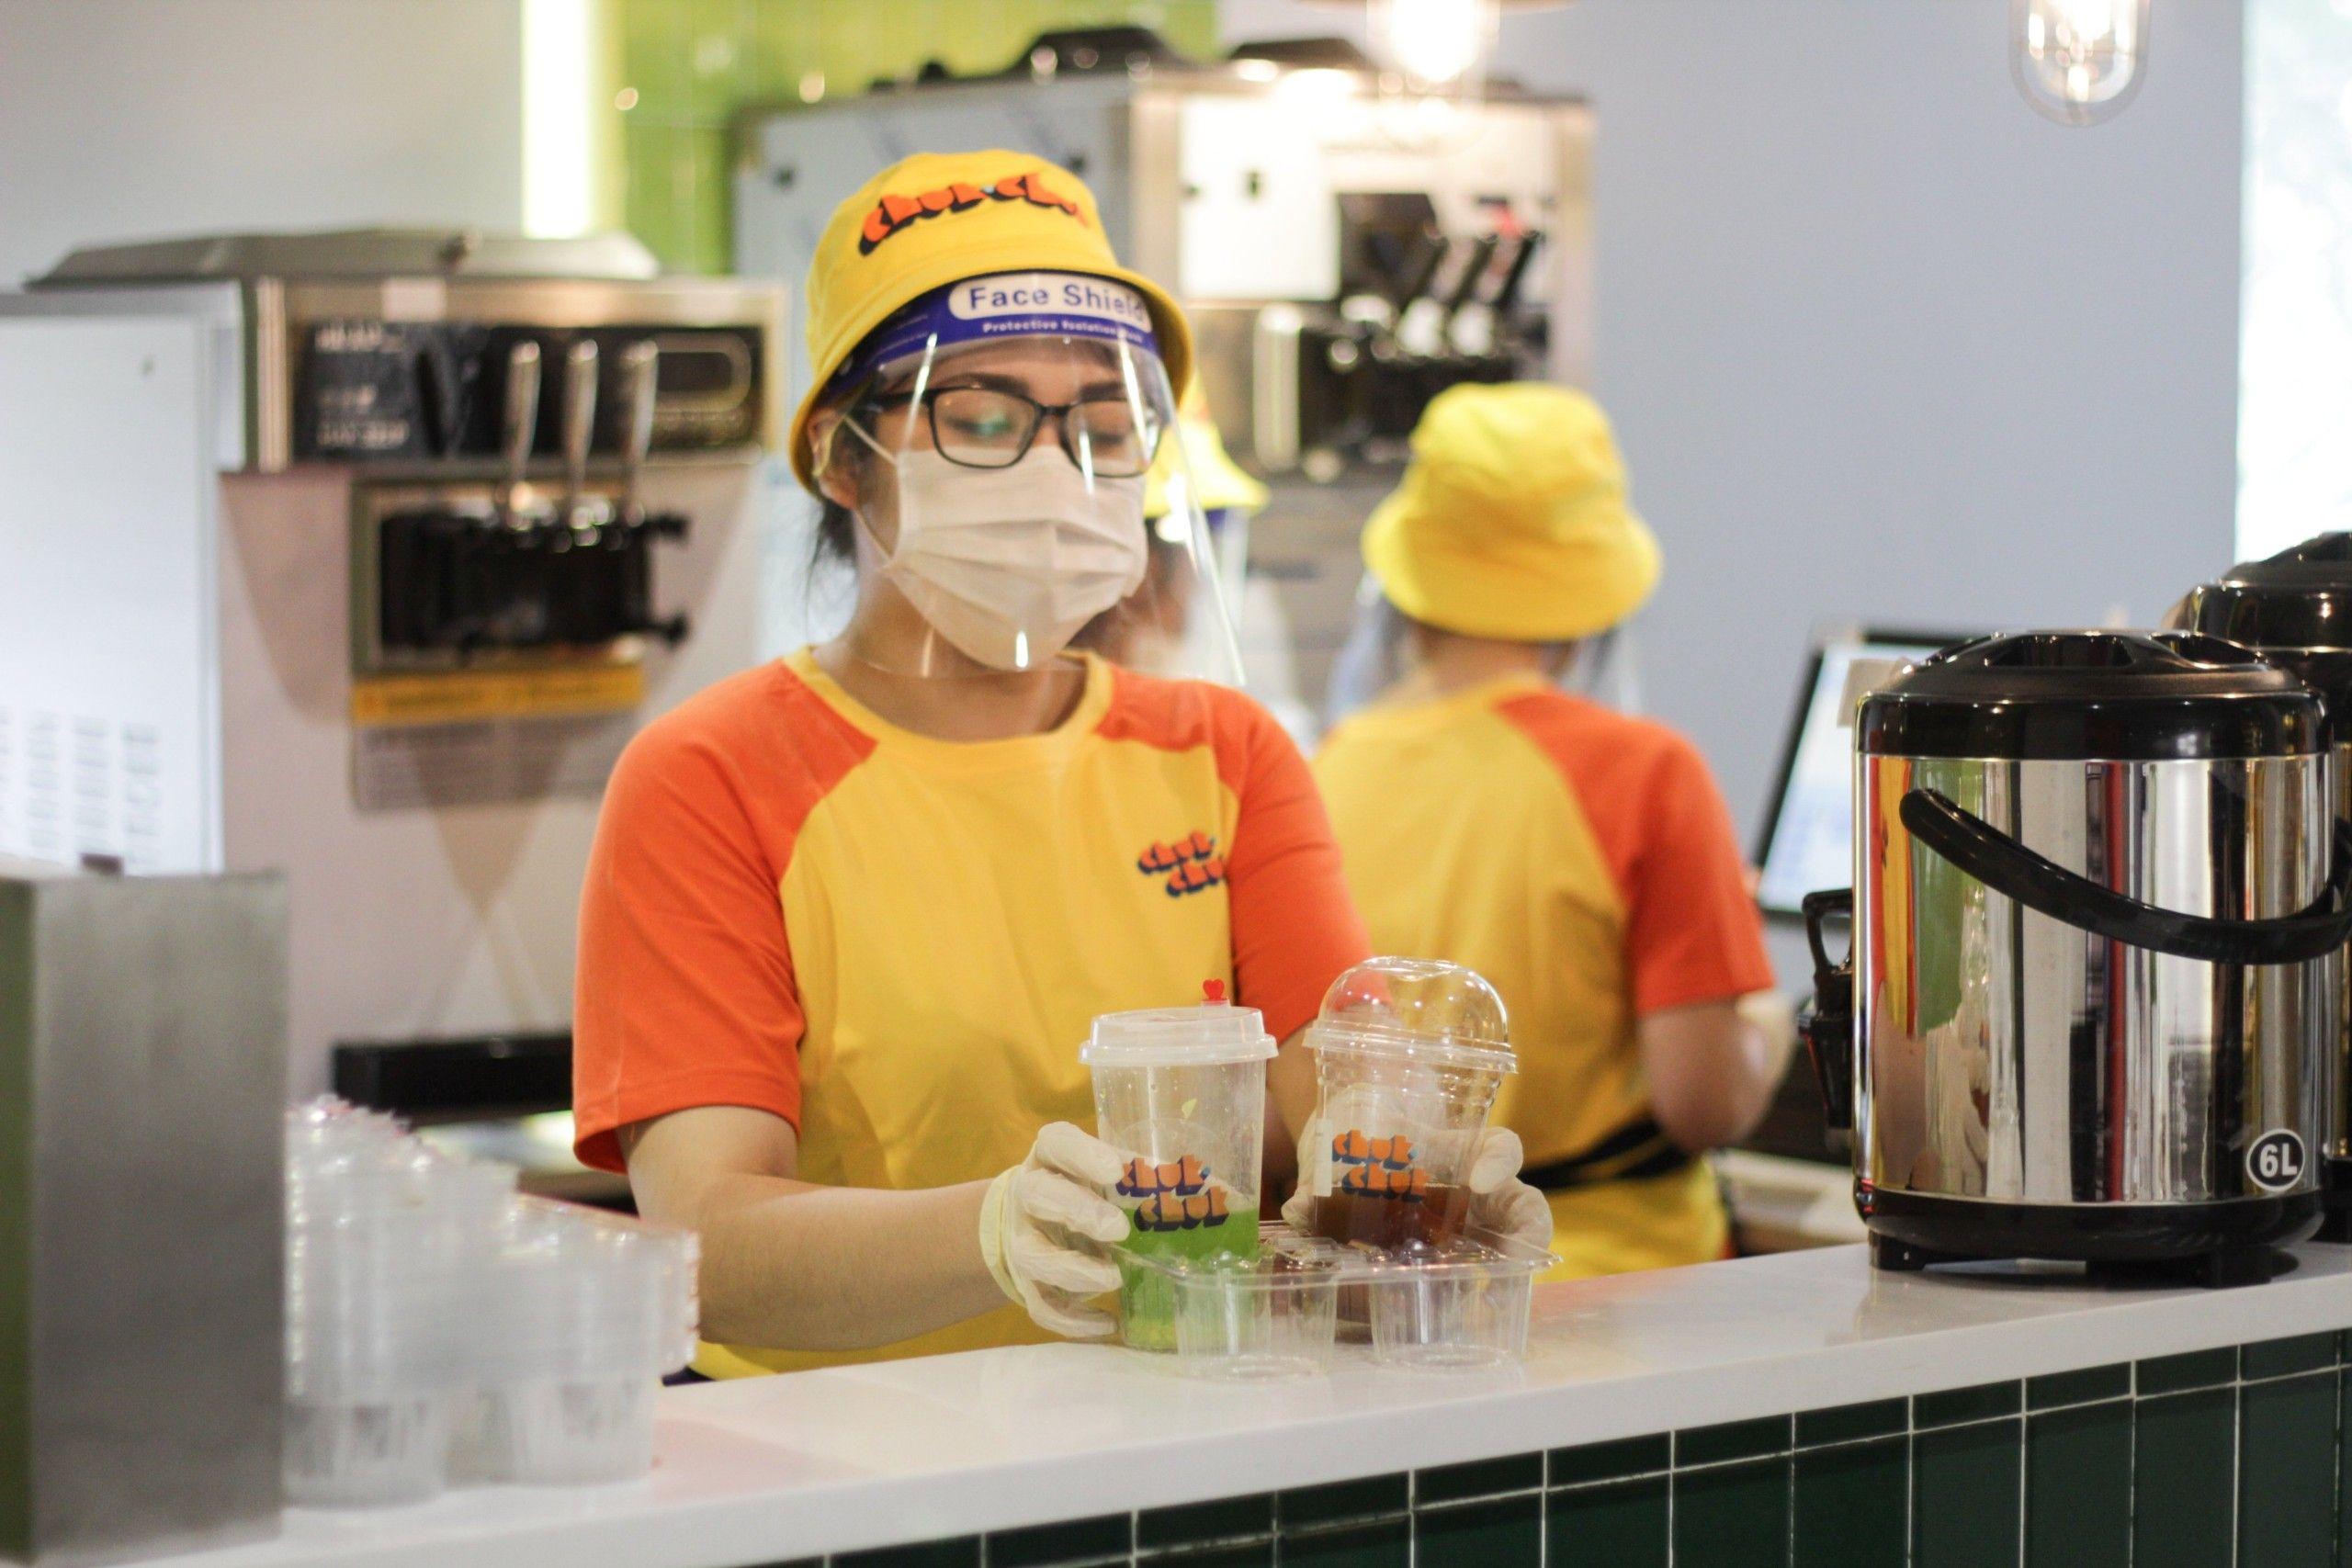 Chuỗi thương hiệu Chuk Chuk của KIDO chính thức phục vụ người tiêu dùng